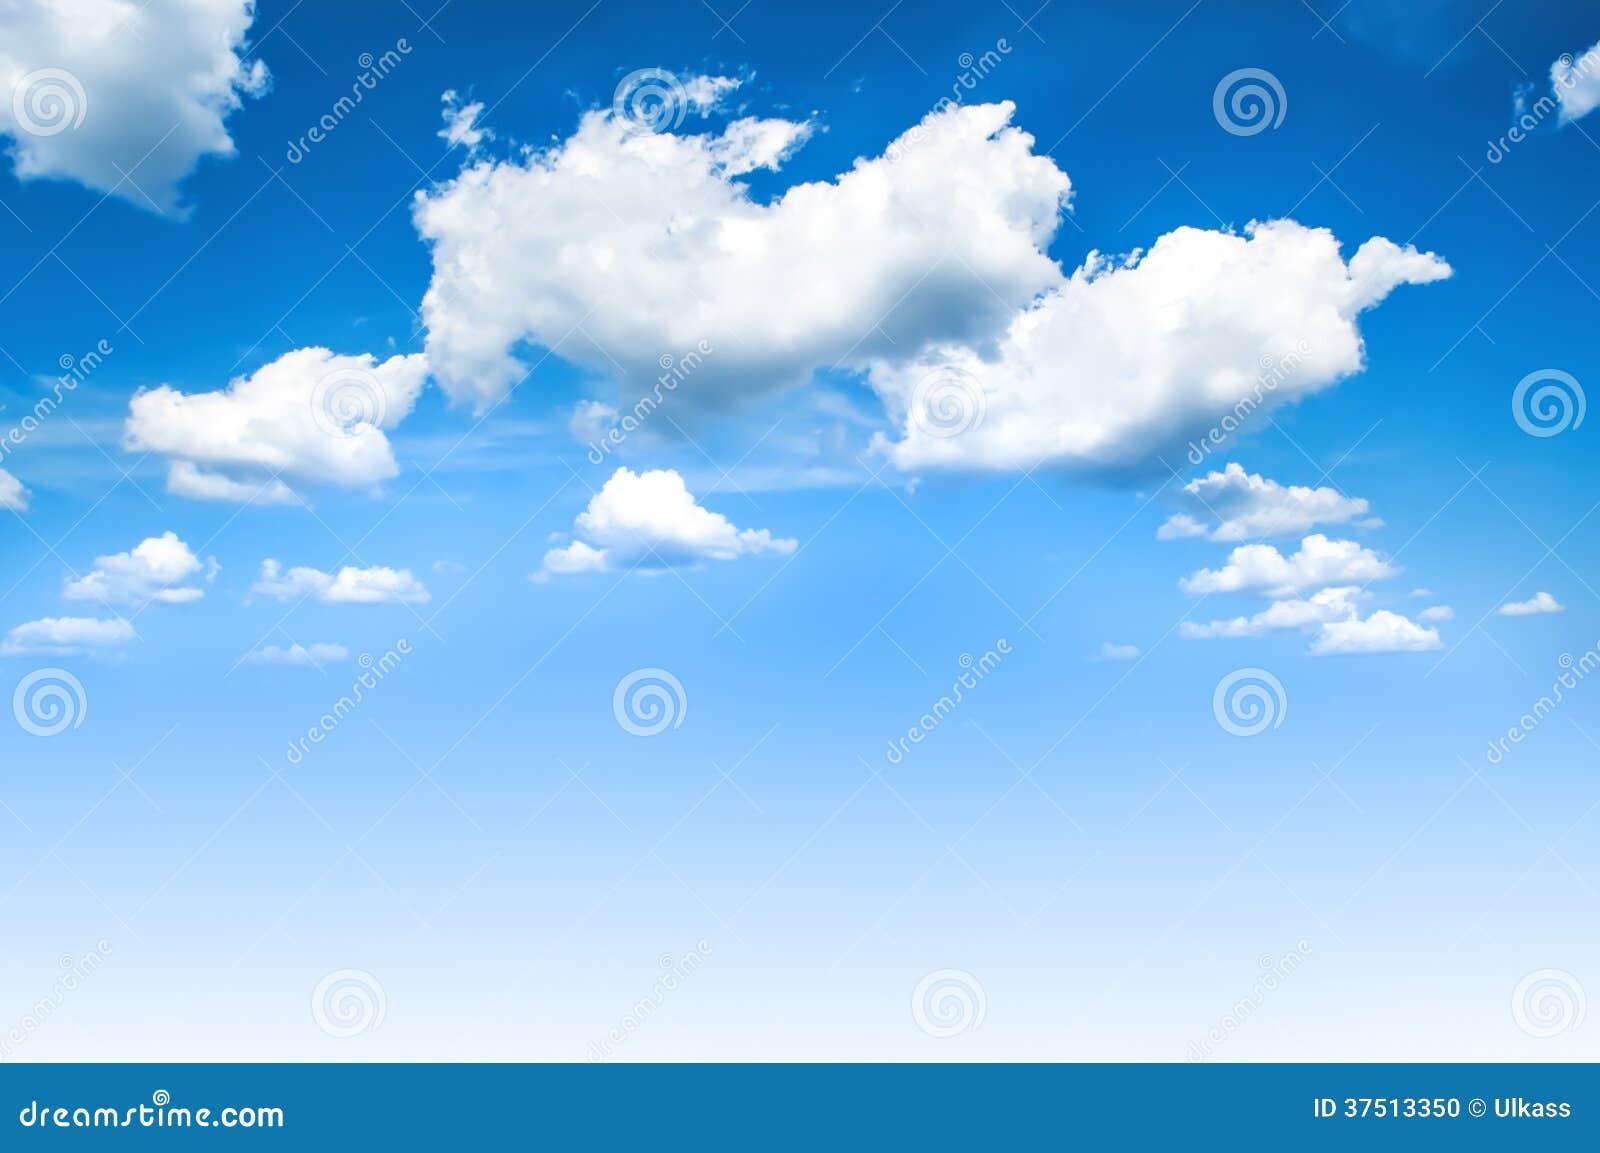 Cielo azul y nubes blancas.